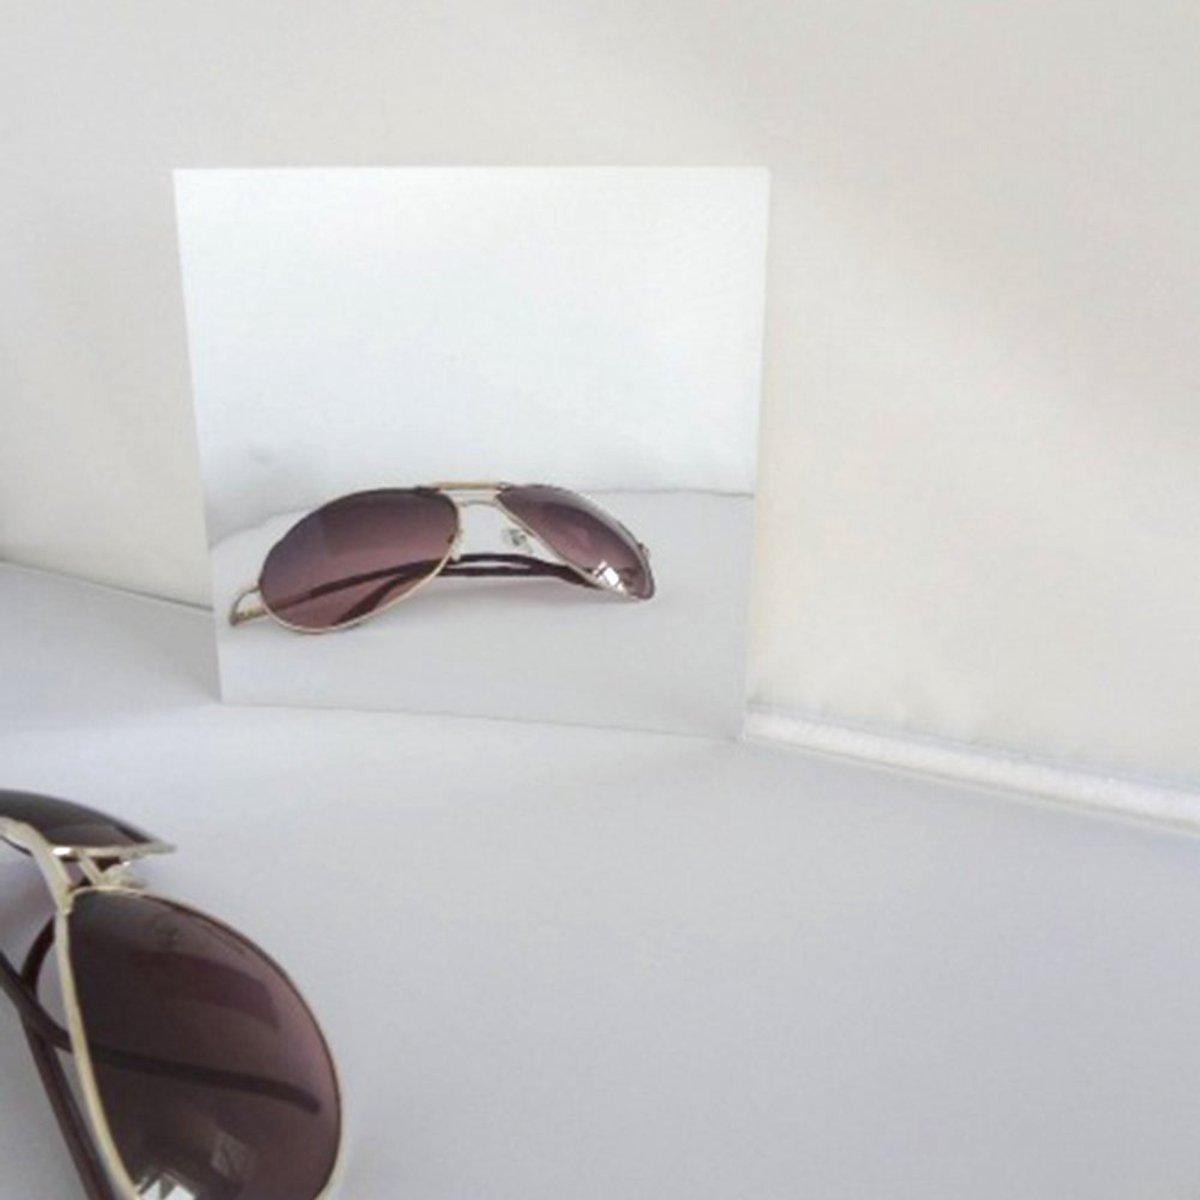 bol.com | Spiegel muur sticker - Spiegel hangend - Spiegel wand ...